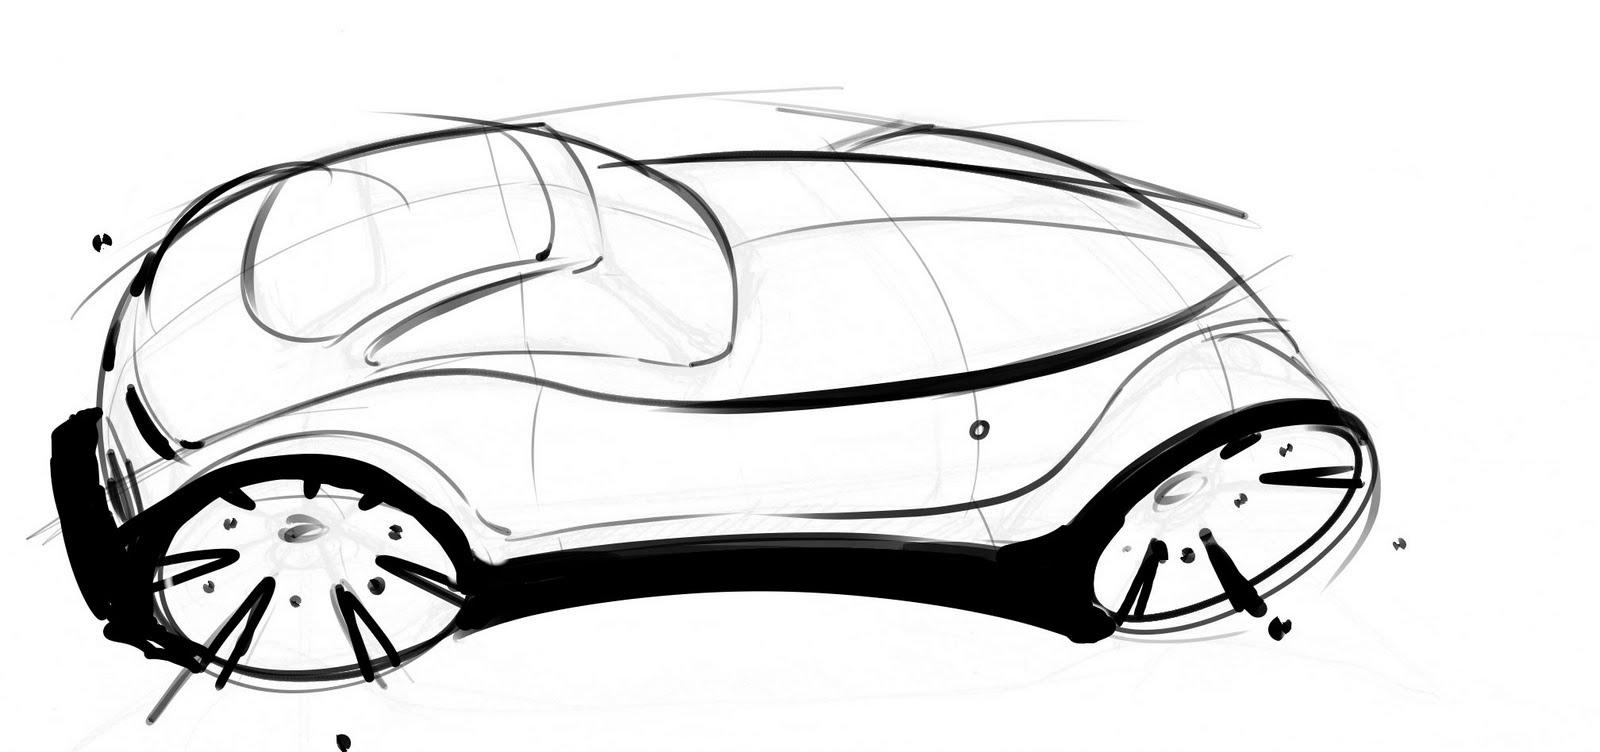 Alex Marshall: Car Sketch Walkthrough